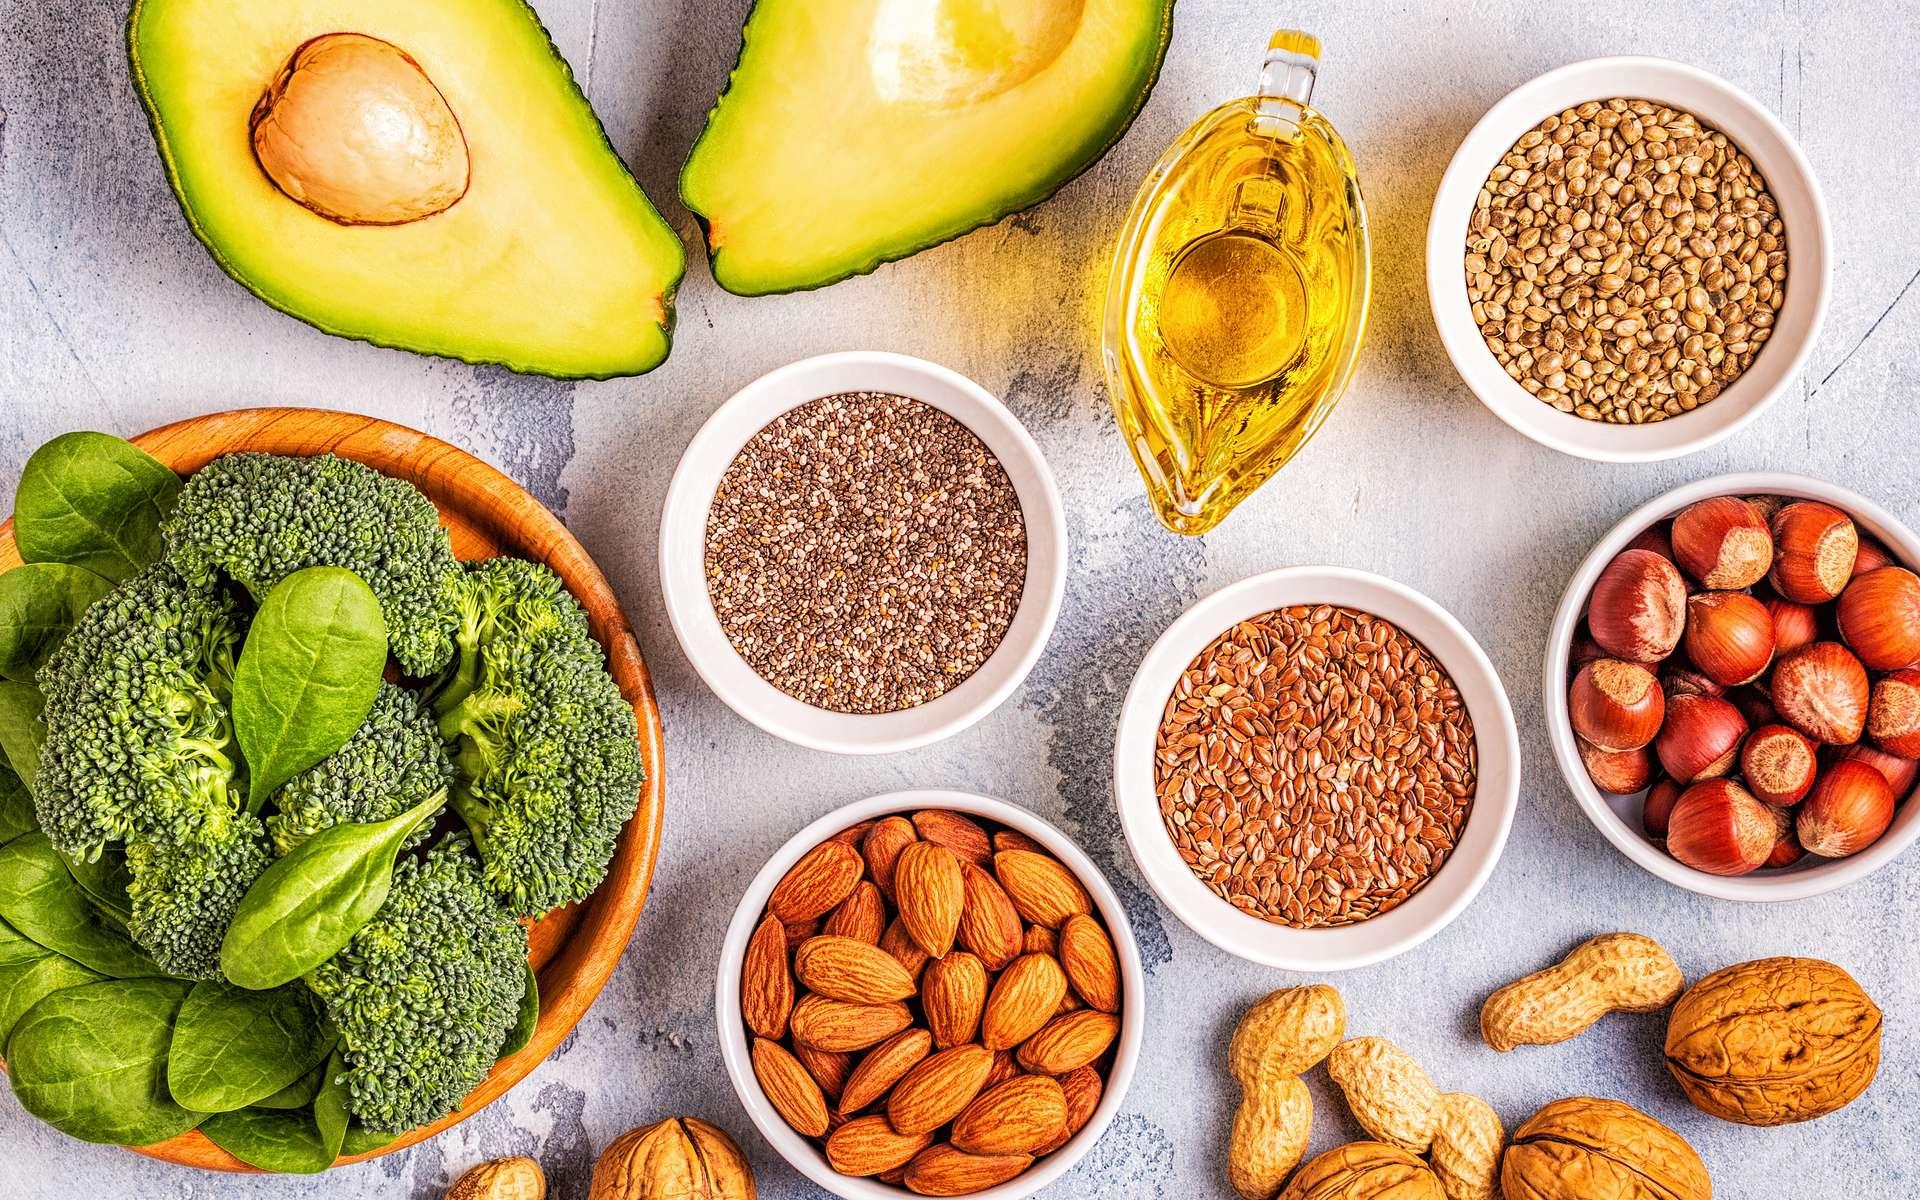 Les superaliments sont des aliments bruts avec des qualités nutritionnelles intéressantes comme la présence de vitamines ou d'oméga-3. © tbralnina, Adobe Stock